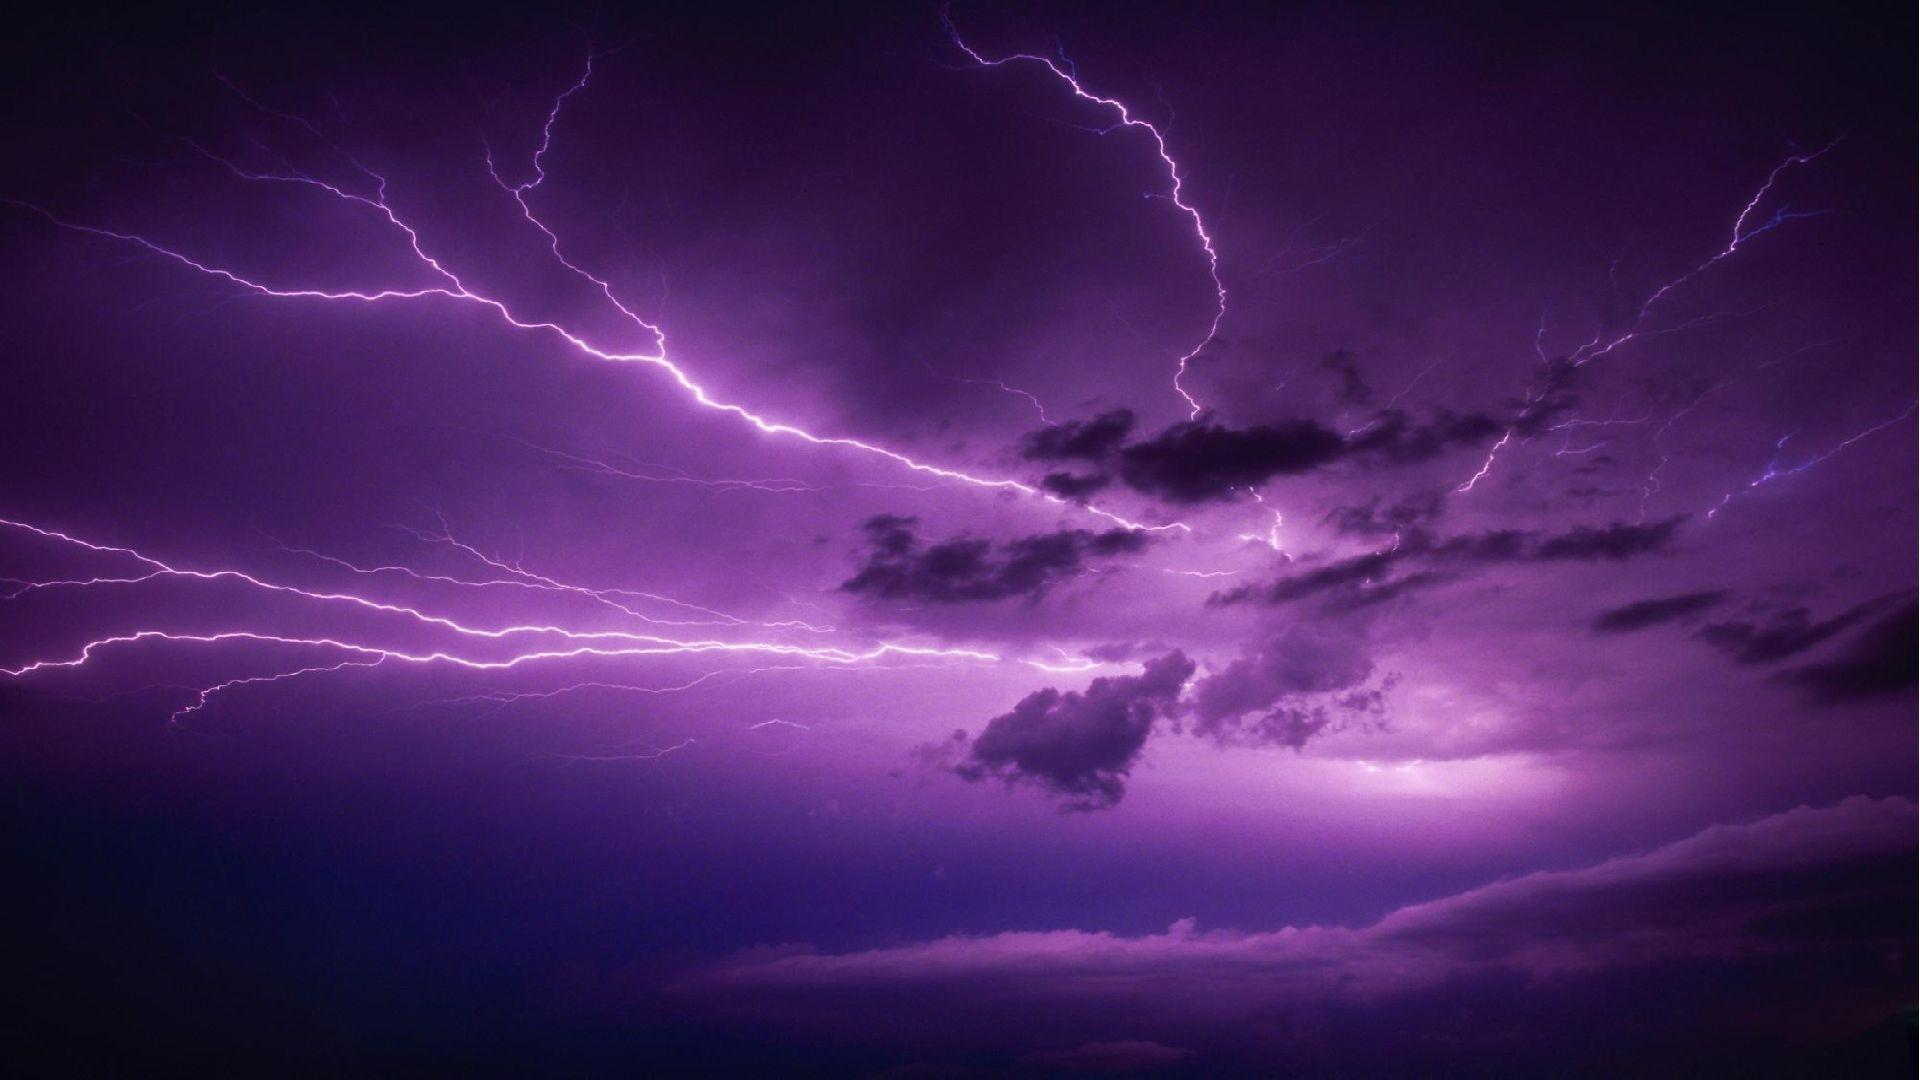 Storm wallpaper | 1920x1080 | #53692